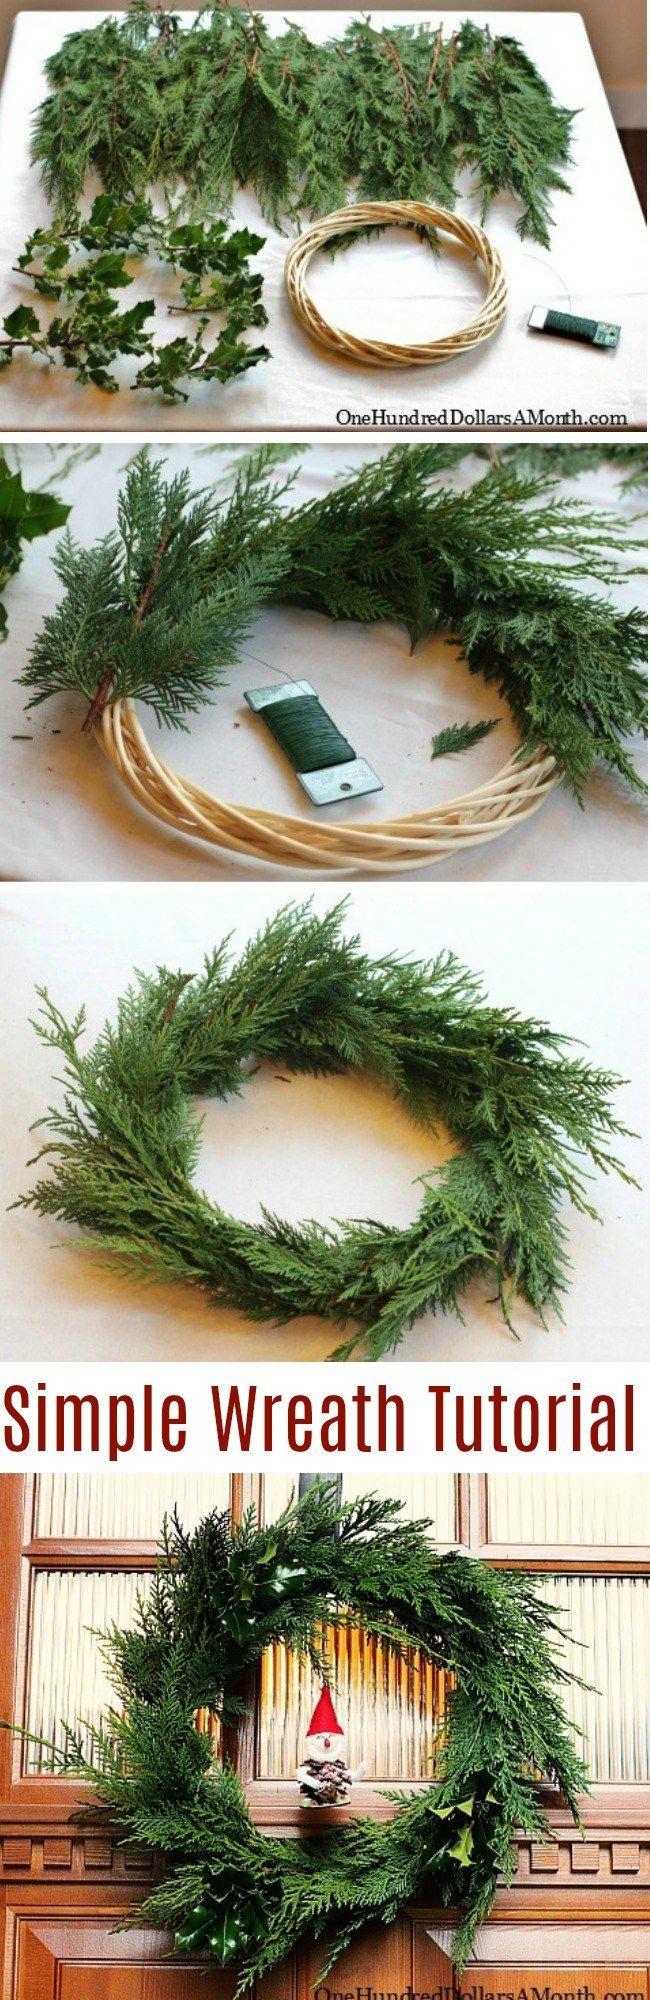 How to Make a Wreath, cedar wreath tutorial, Christmas wreath directions, Wreath